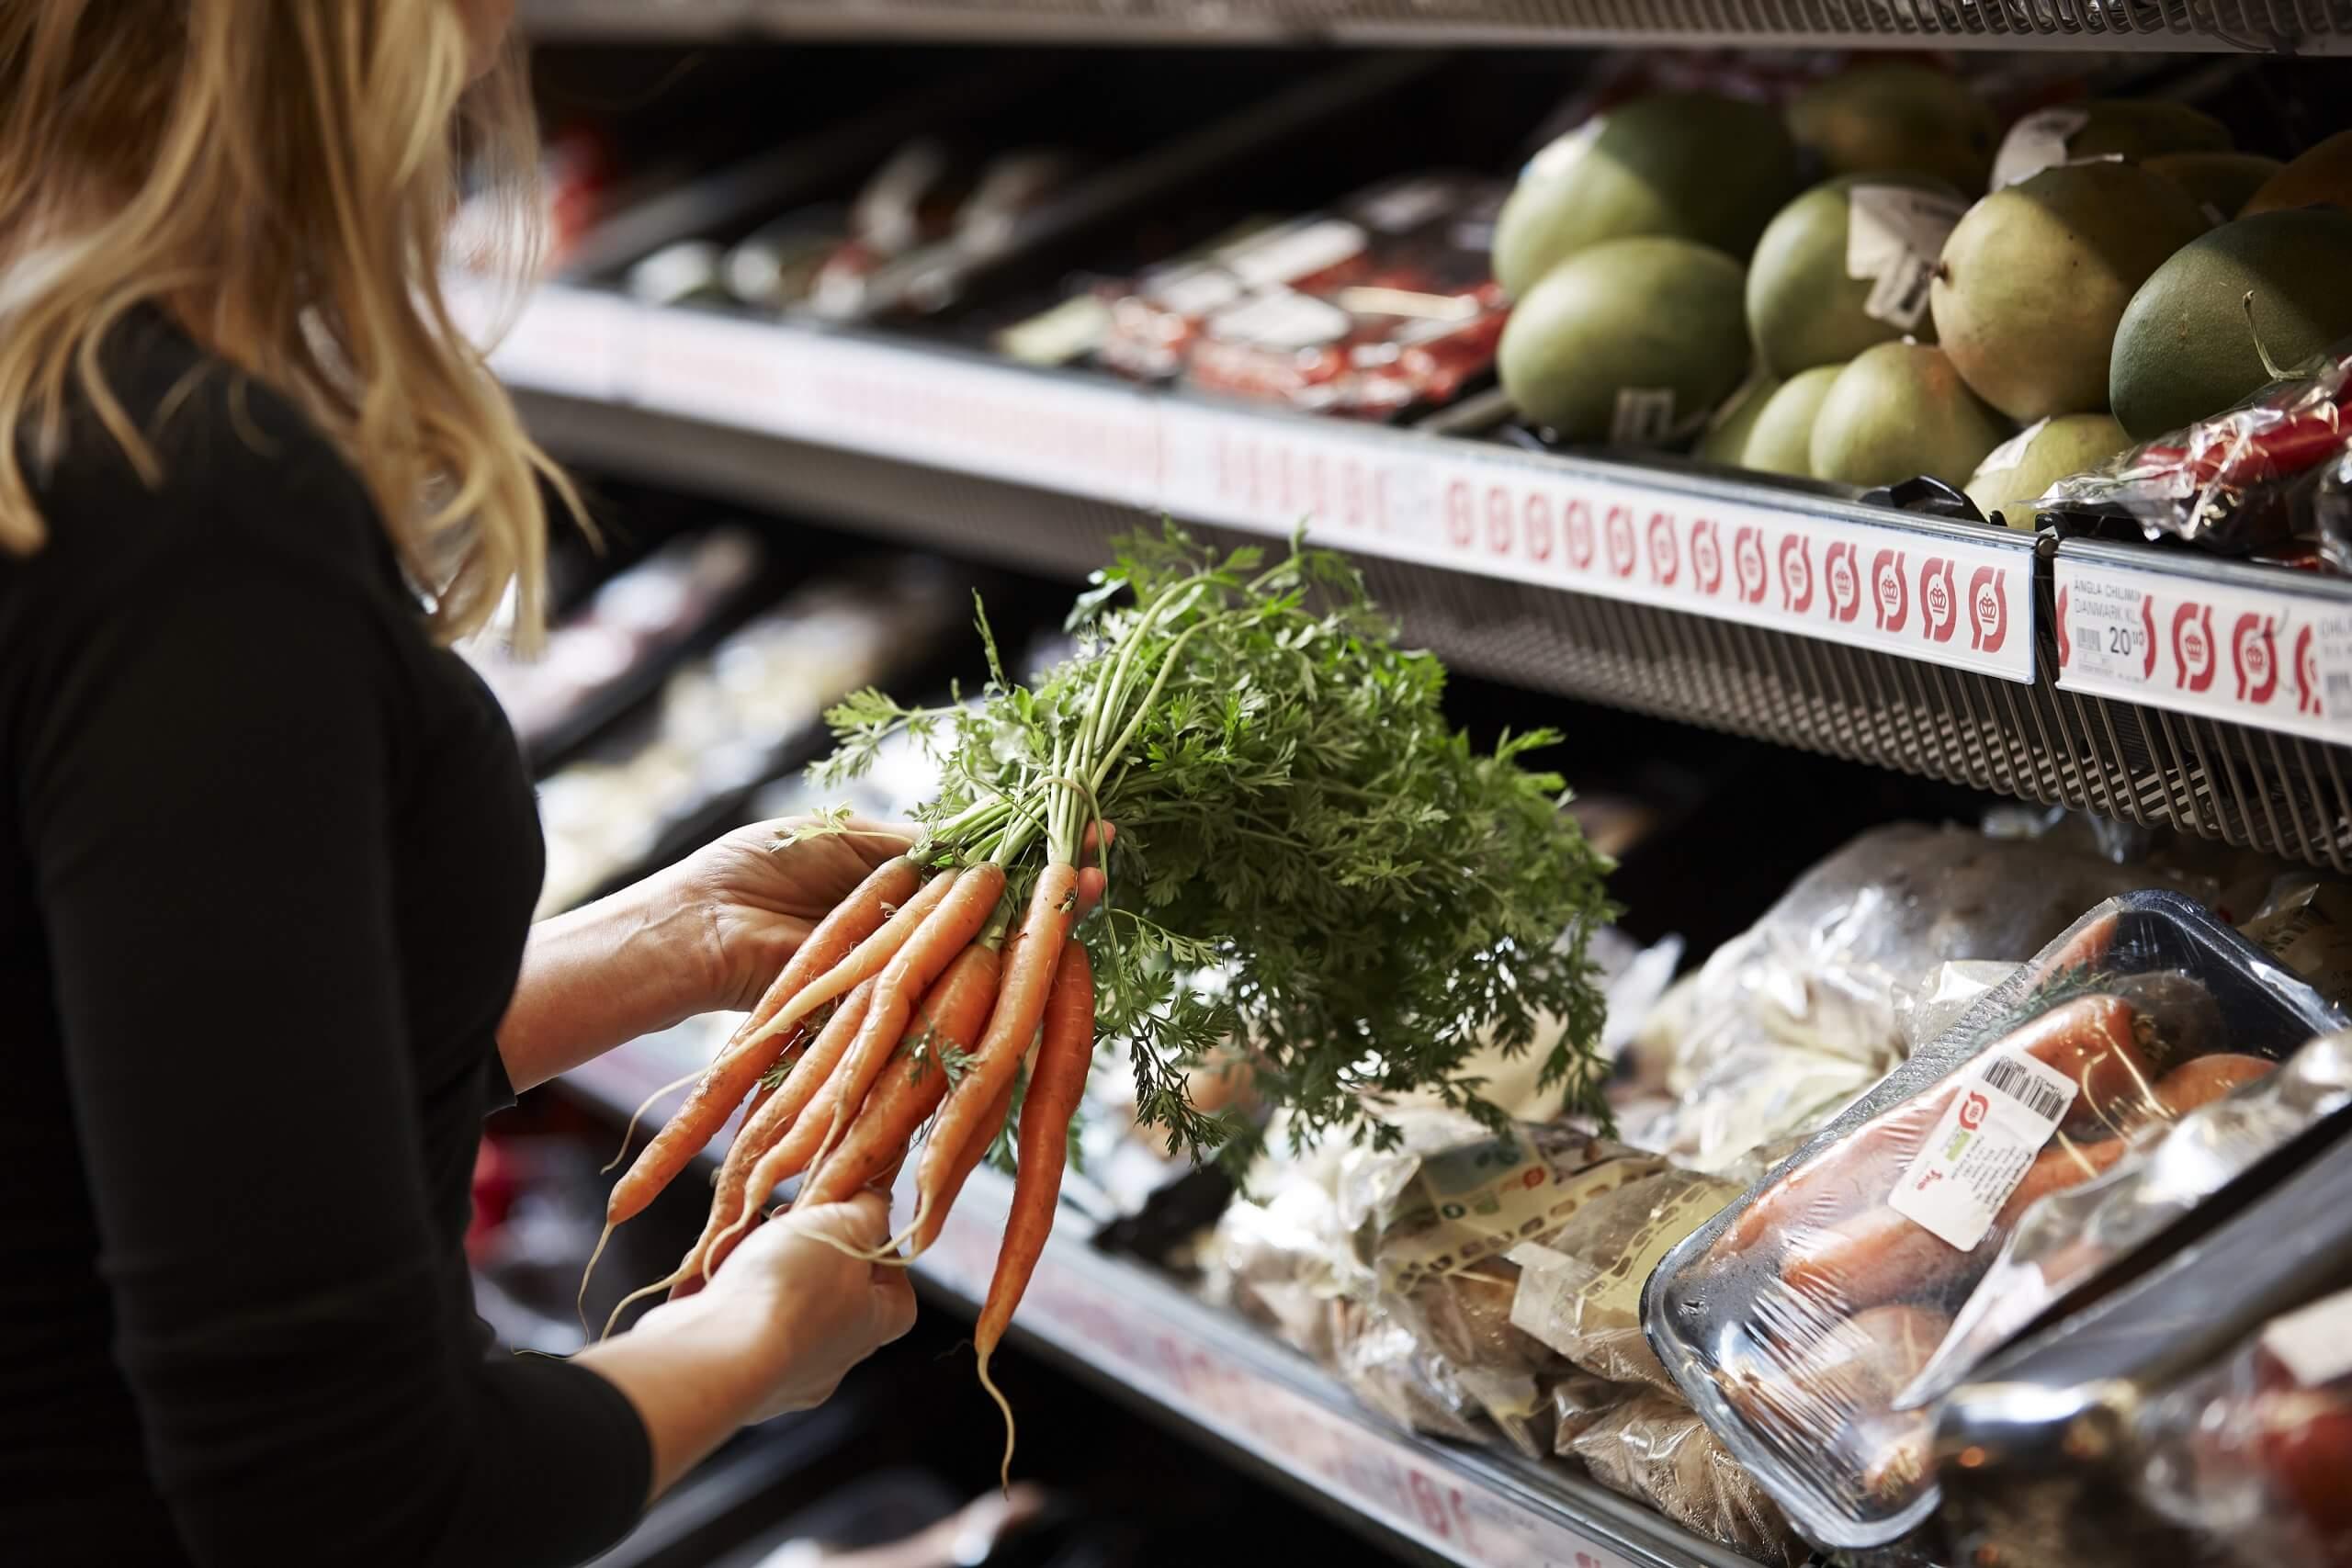 økologiske fødevarer, økologisk landsforening